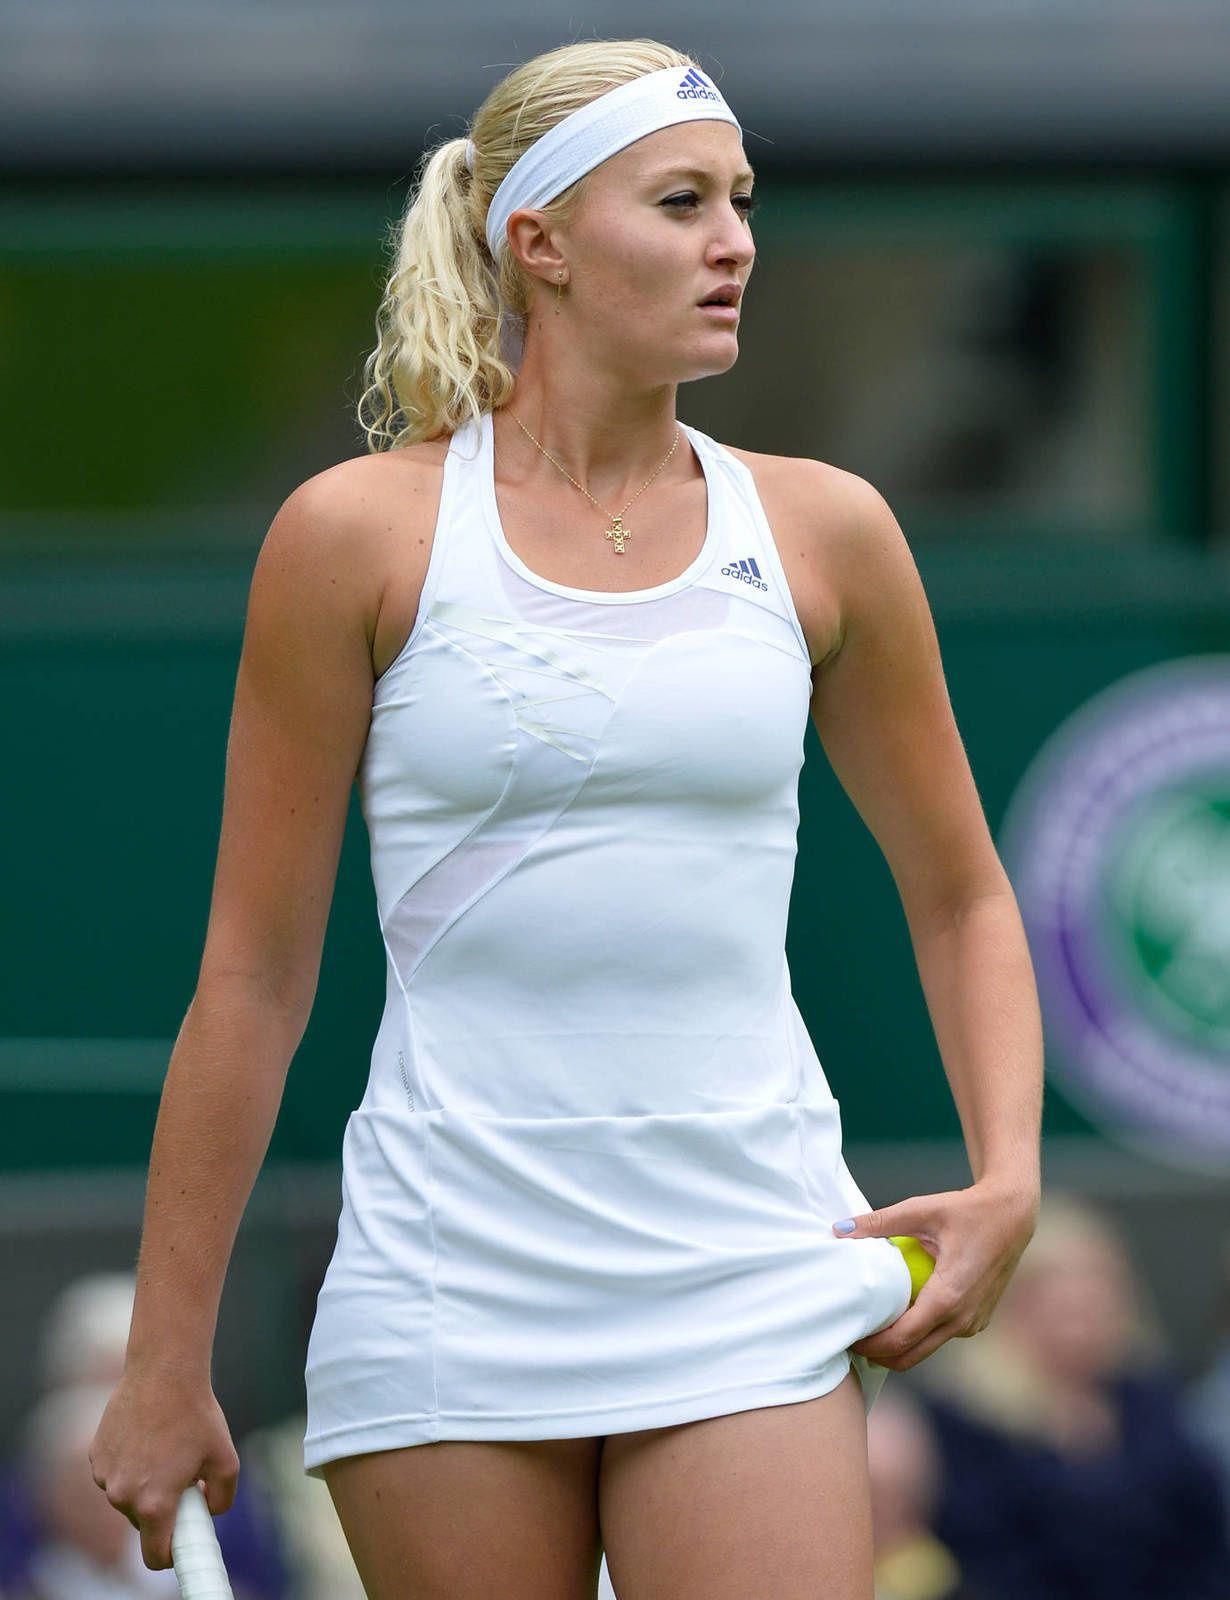 Sous la jupe des joueuses de tennis : kristina mladenovic